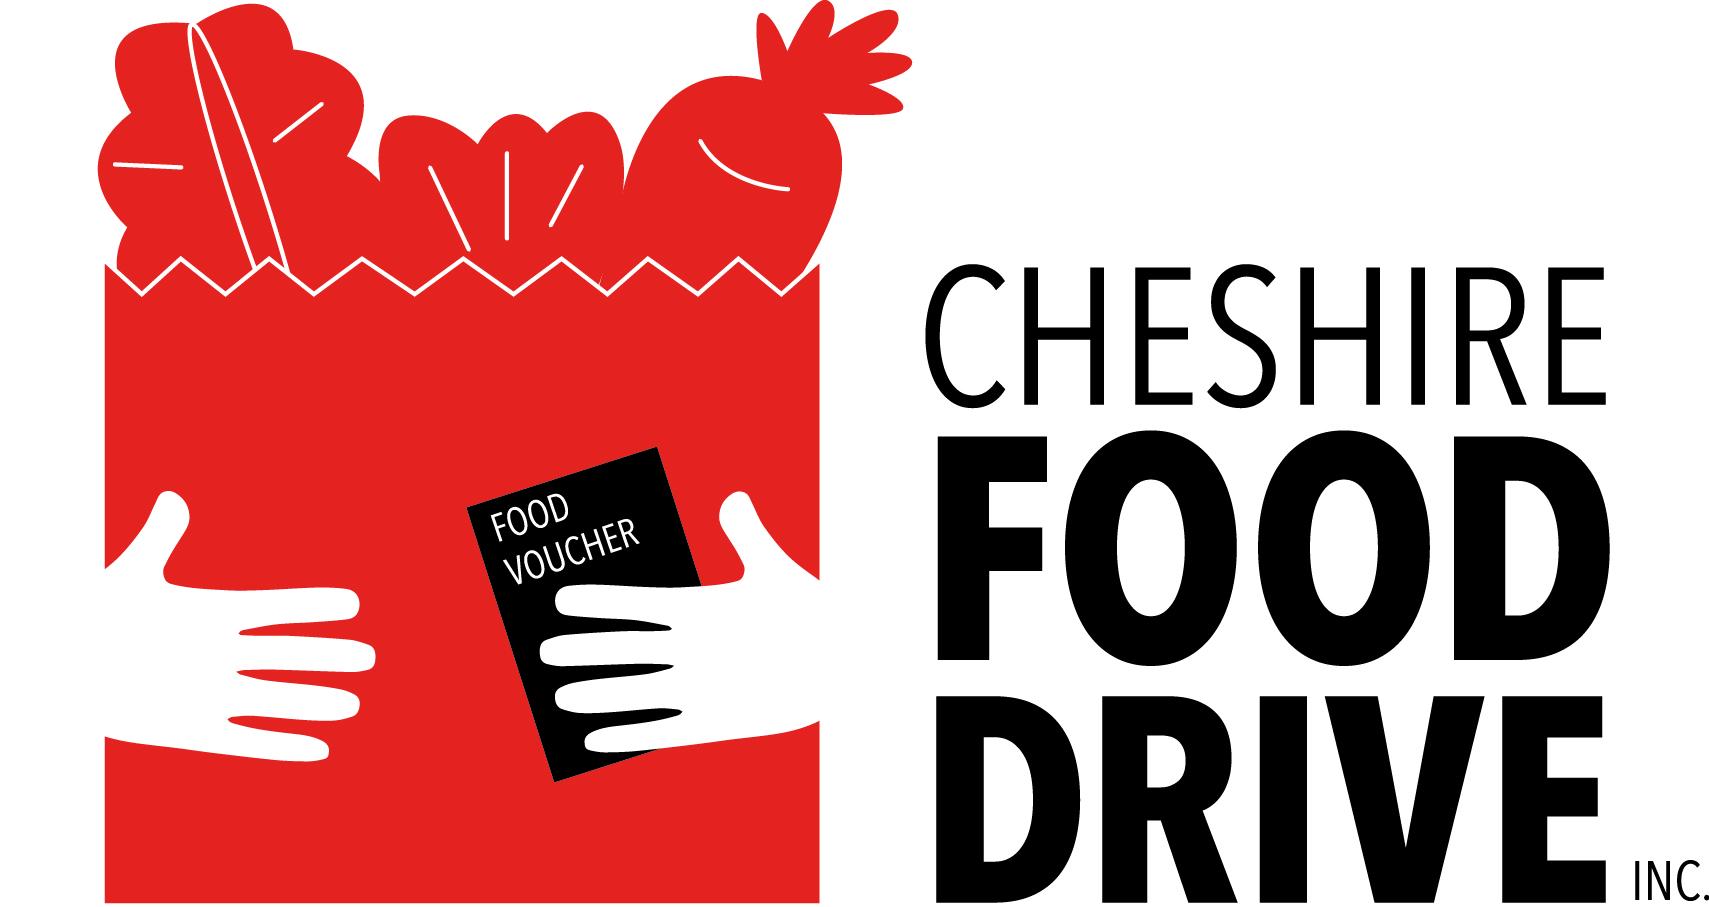 Cheshire Food Drive